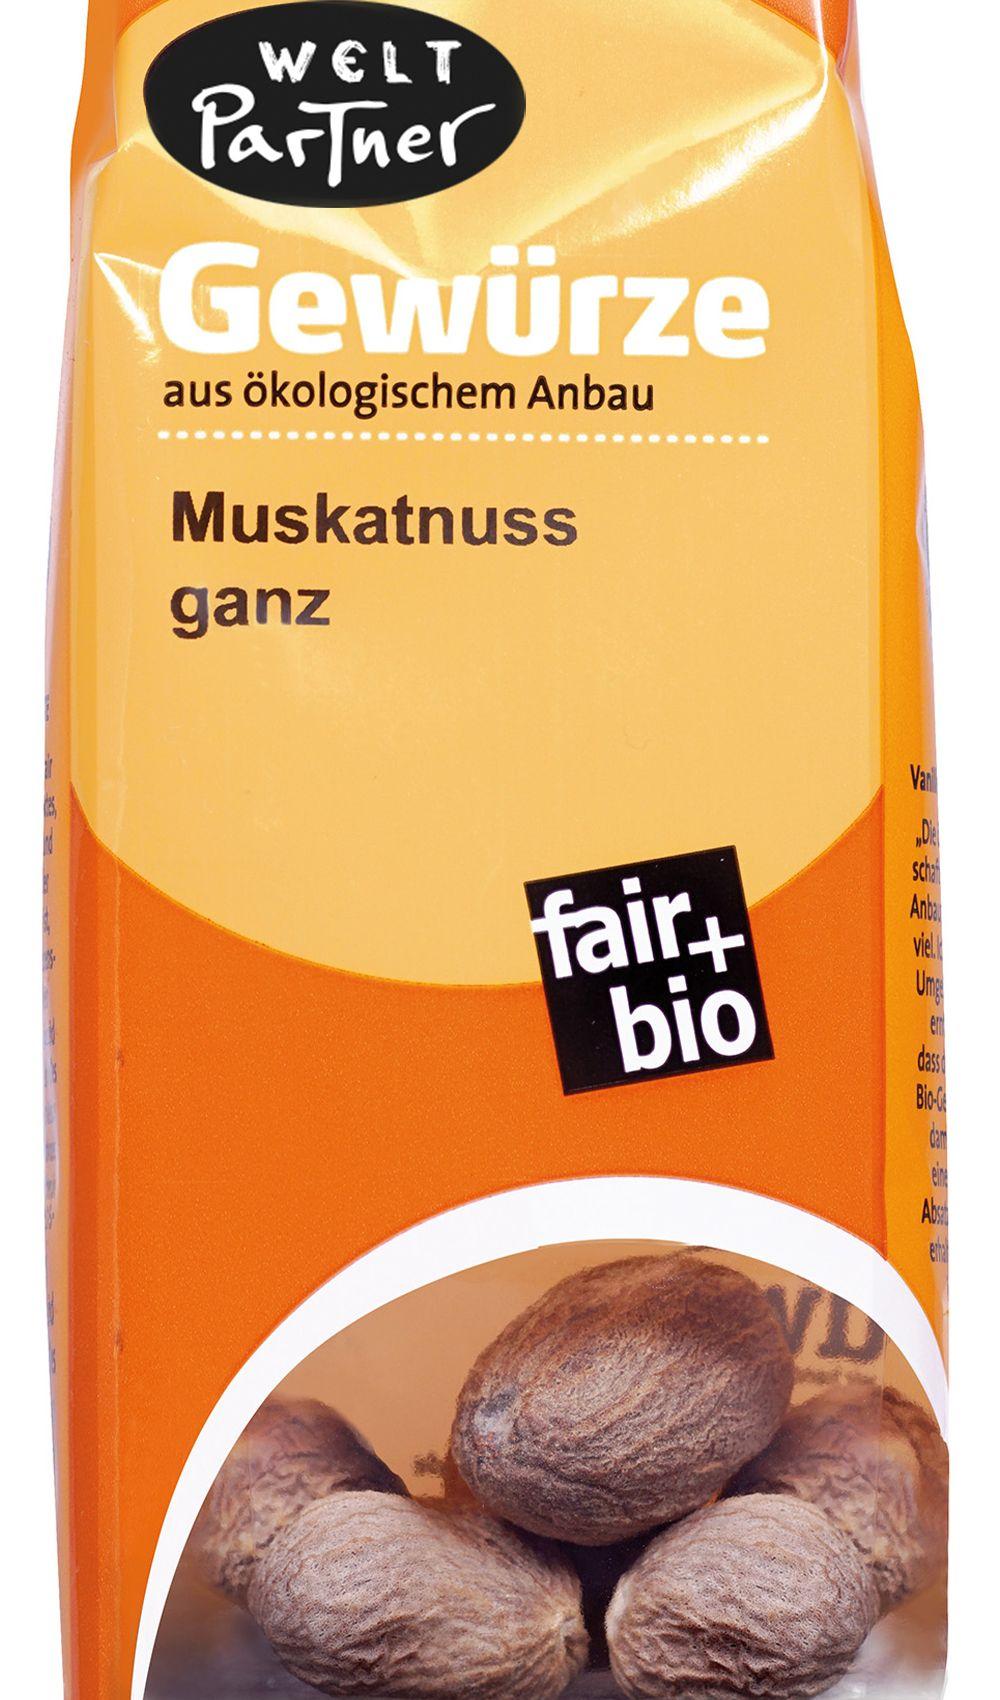 Muskatnuss Ganz Fair Gehandelt Und Bio Aus Dem Nachhaltigen Online Shop Der Kleinbauern Unterstutzt Und Fur Nachhaltige Arb Vegetarisch Ausgewogene Ernahrung